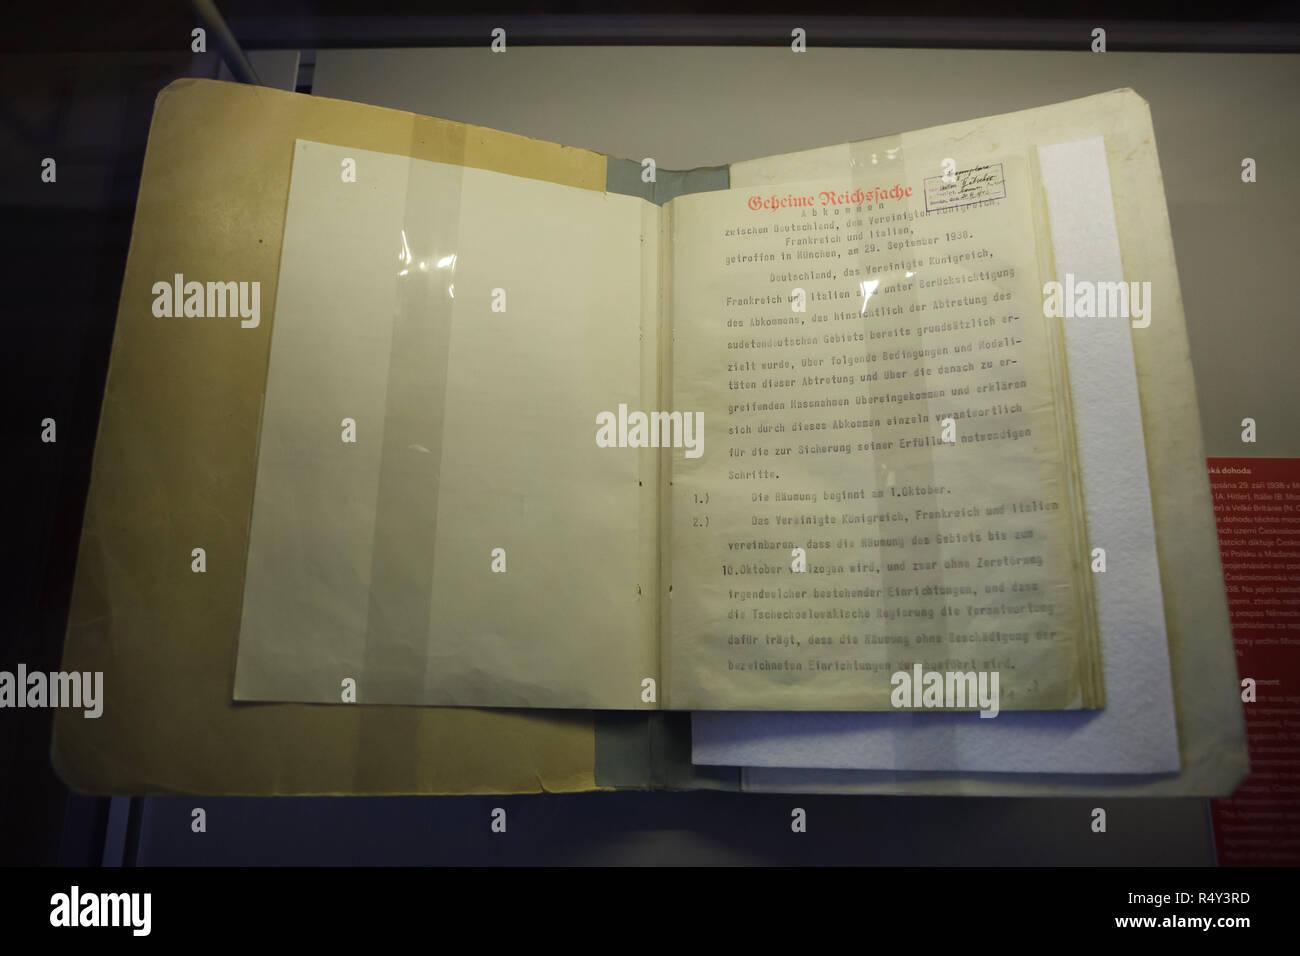 Acuerdo de Munich (Münchner Abkommen) firmado el 29 de septiembre de 1938 en la exhibición en la exposición (Česko Czech-Slovak-slovenská výstava) en el Museo Nacional (Národní muzeum) en Praga, República Checa. El documento firmado en Munich por los representantes de Alemania (Adolf Hitler), Italia (Benito Mussolini), Francia (Édouard Daladier) y Gran Bretaña (Neville Chamberlain) contiene un acuerdo entre esas potencias permitiendo la anexión de las zonas fronterizas de Checoslovaquia por Alemania. Checoslovaquia no fue invitado a negociar o a firmar este acuerdo. El original del documento se presenta Foto de stock